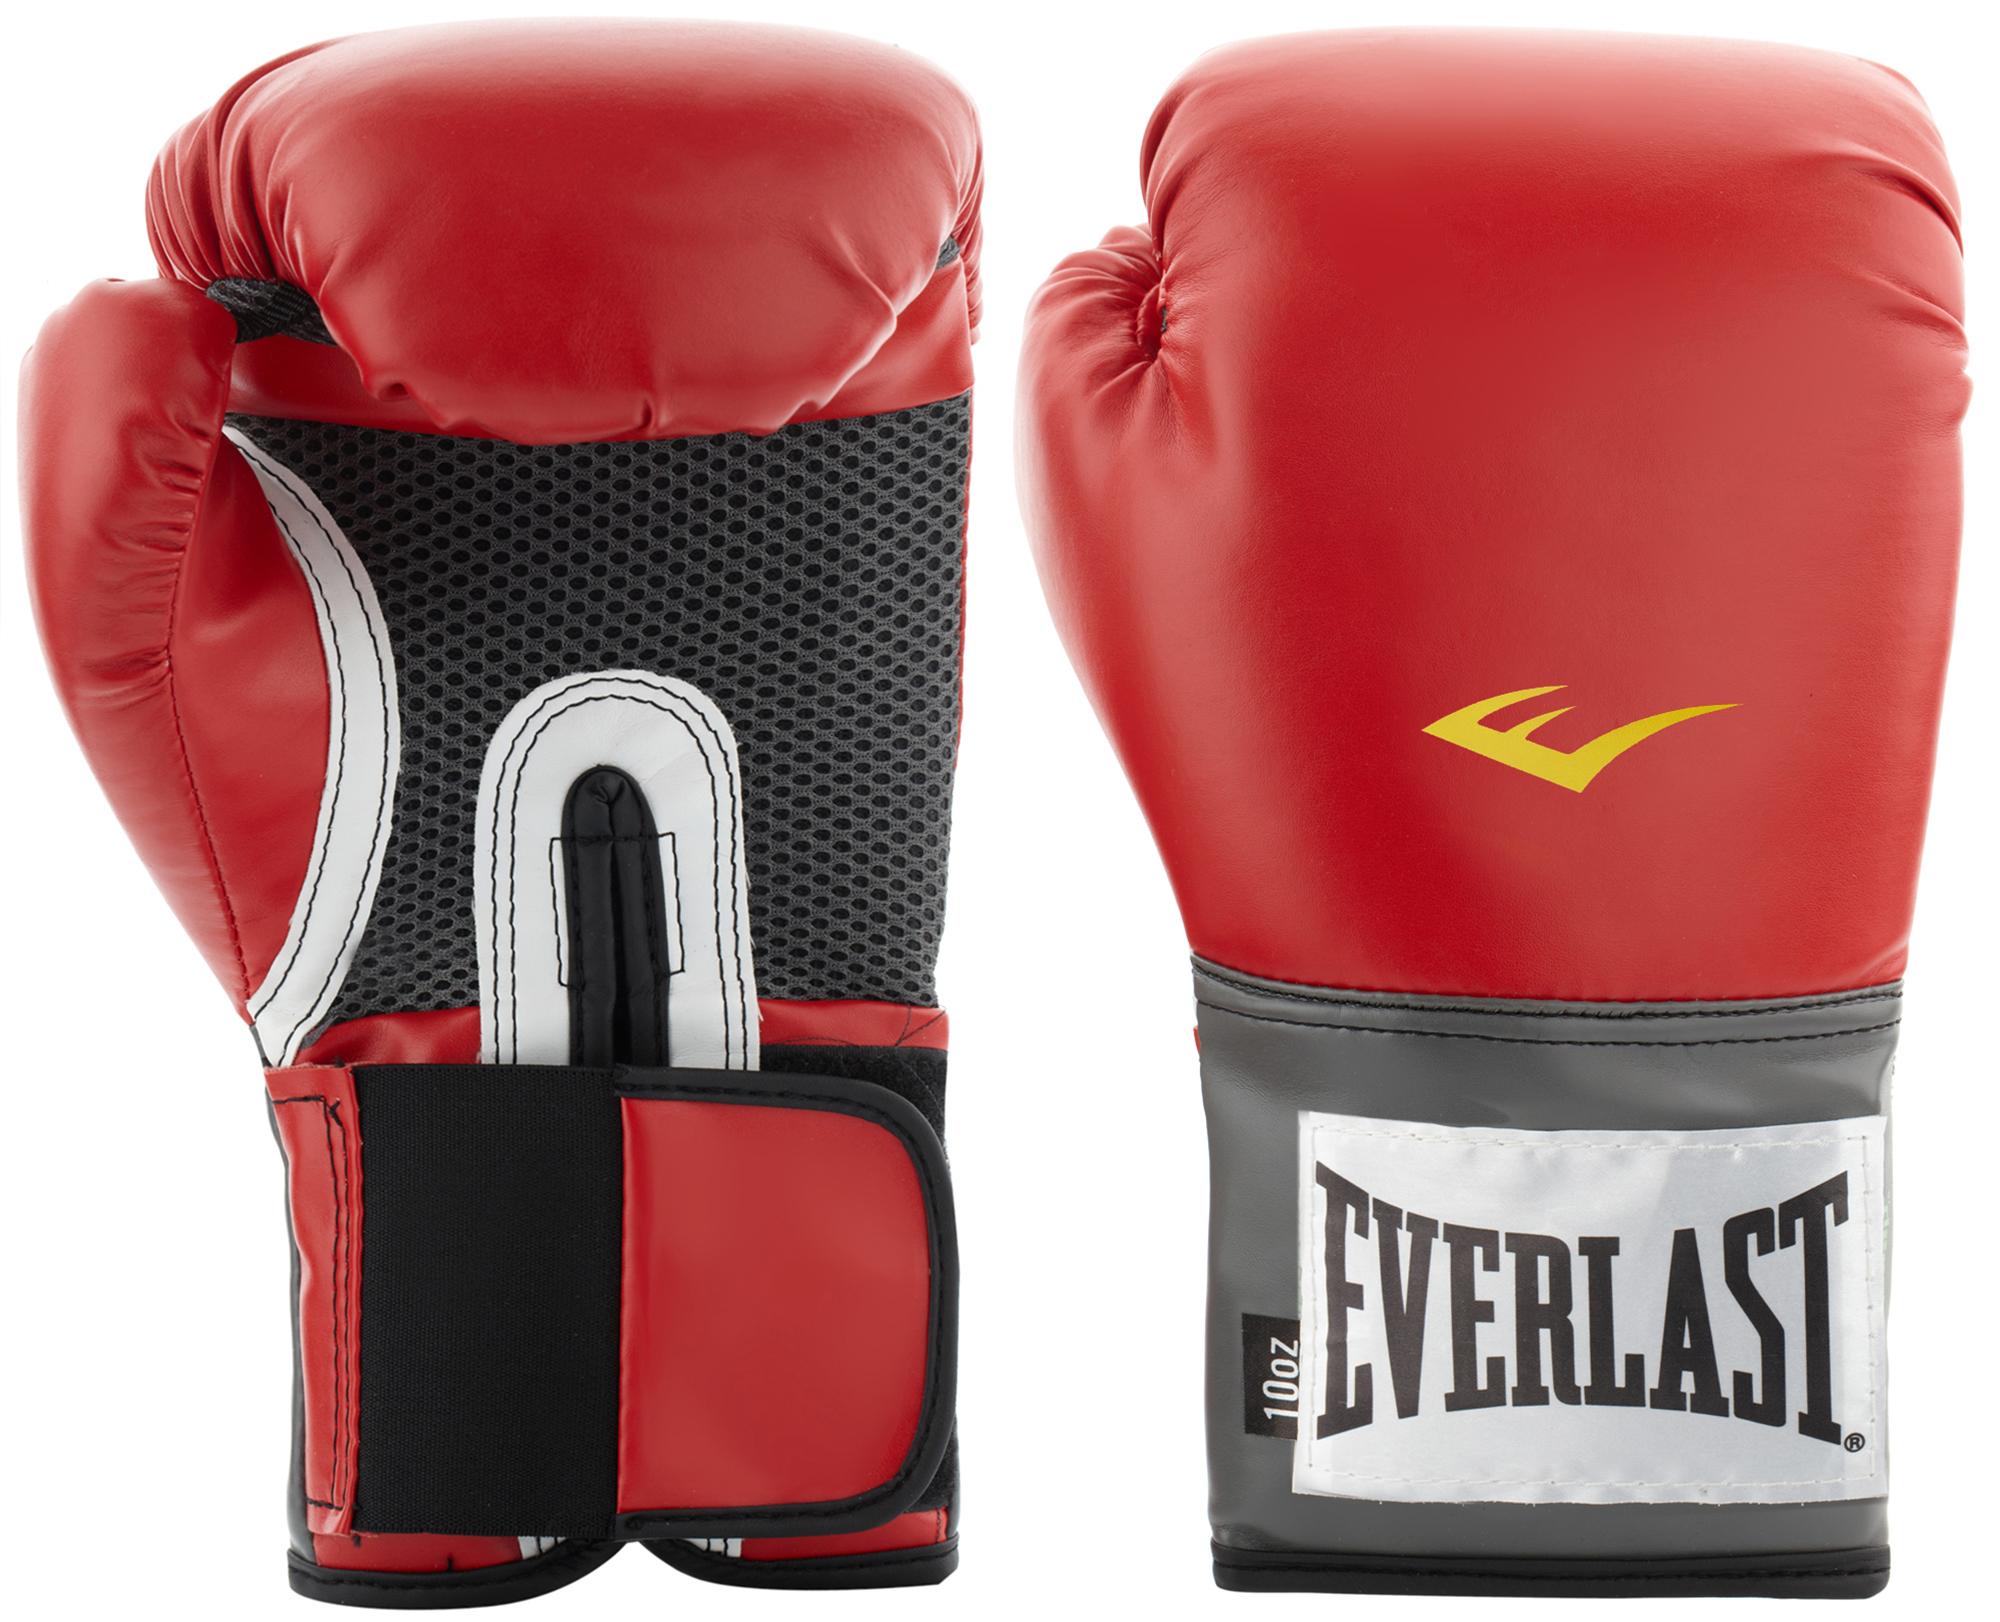 цена на Everlast Перчатки тренировочные Everlast PU Pro Style, размер 14 oz